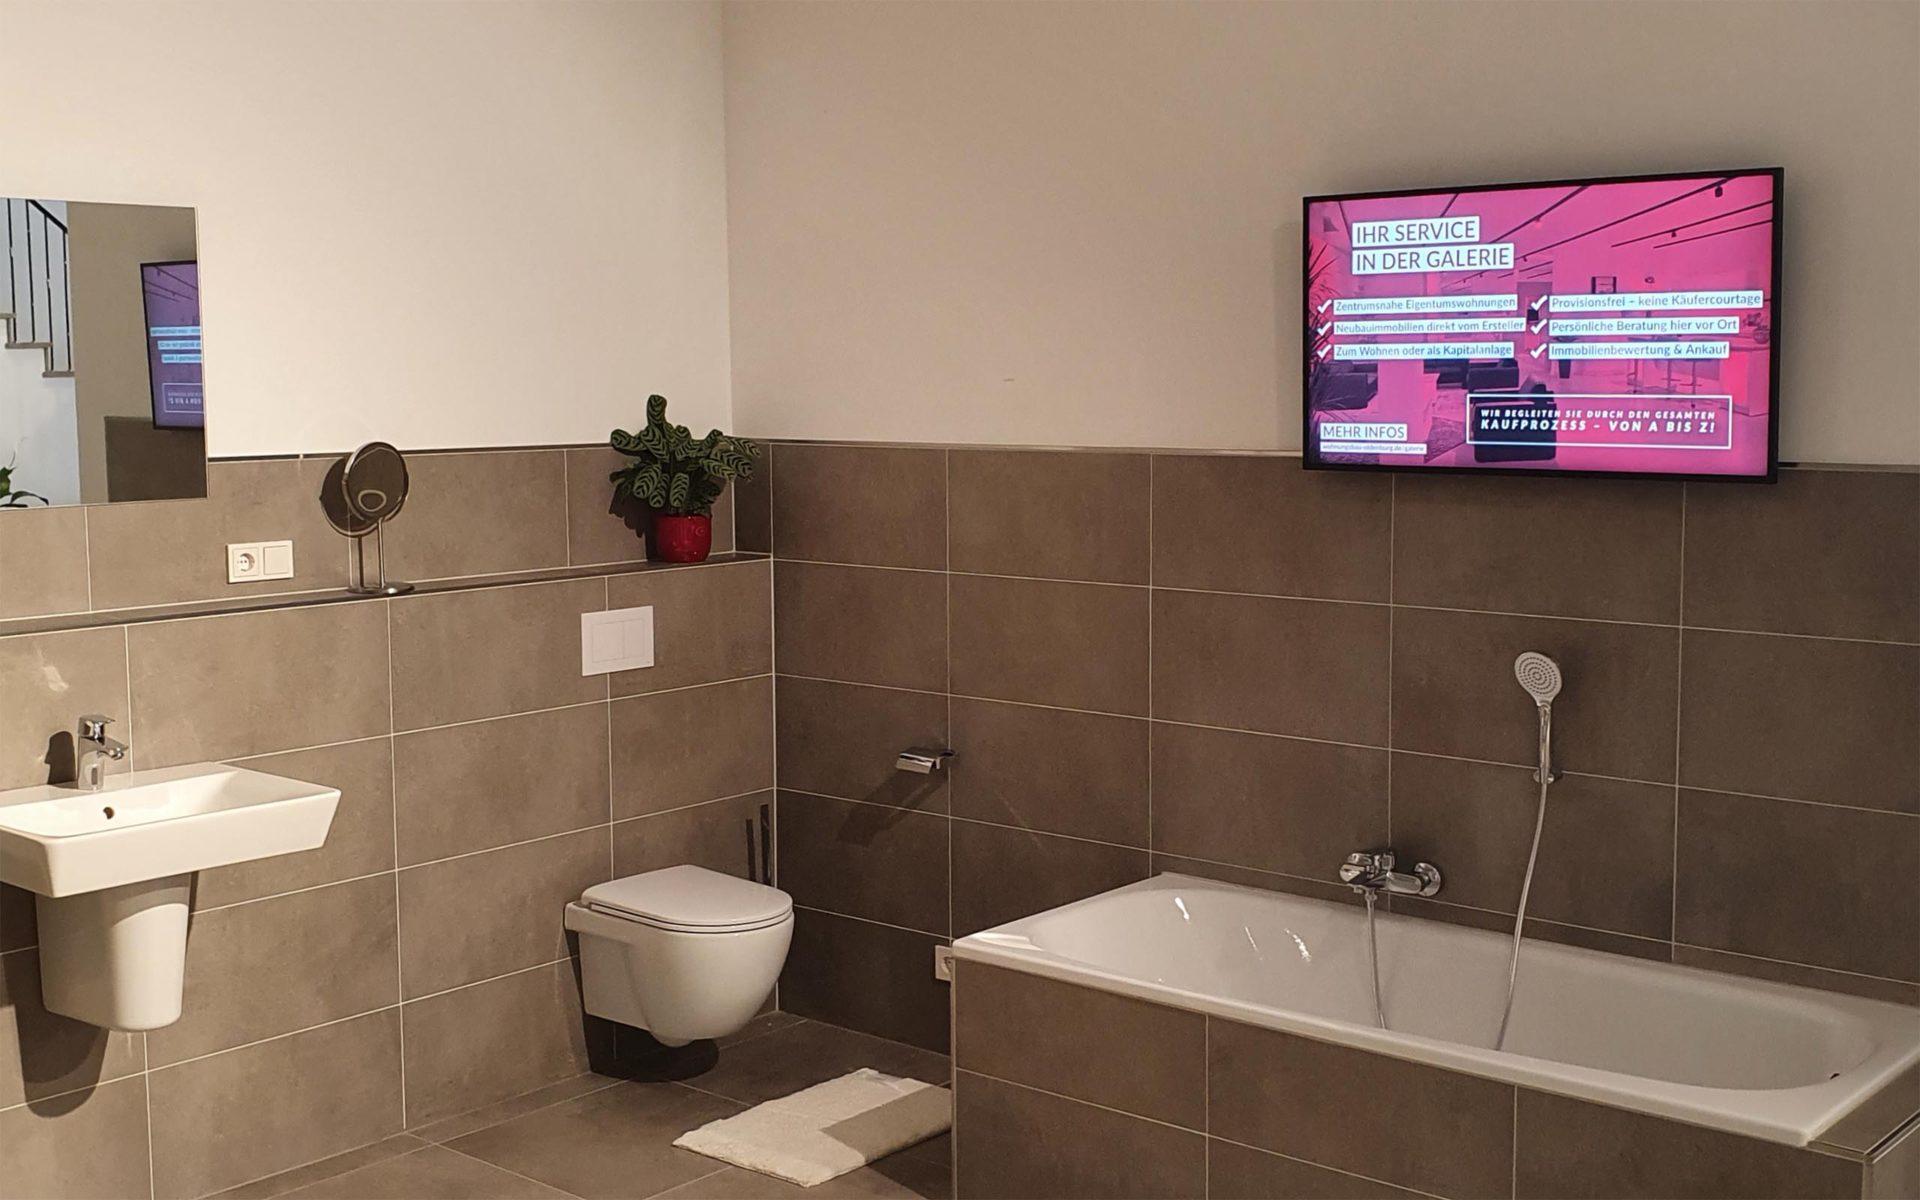 Digital Signage in einer Badausstellung